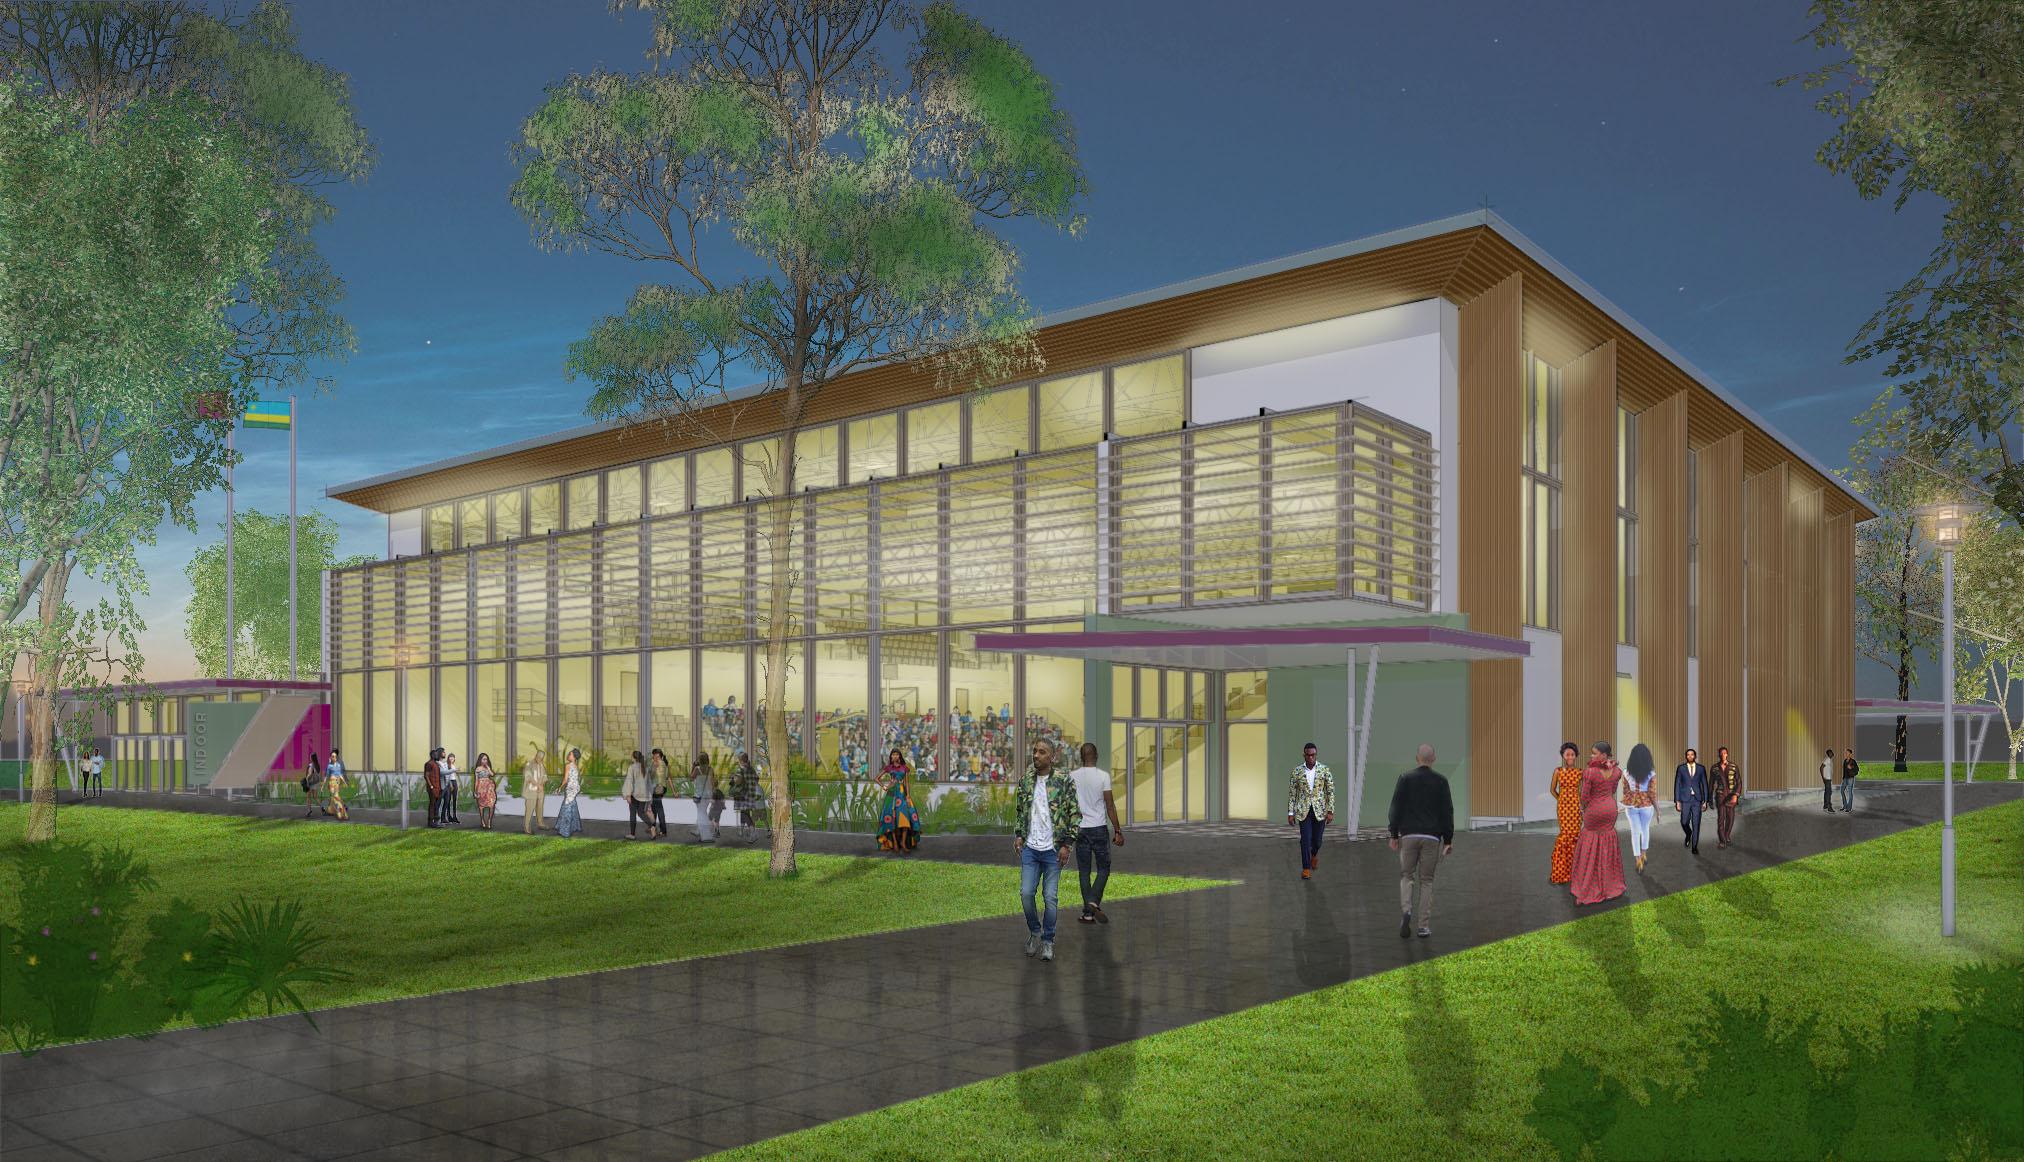 2107-1 Extnl NW Hall.jpg